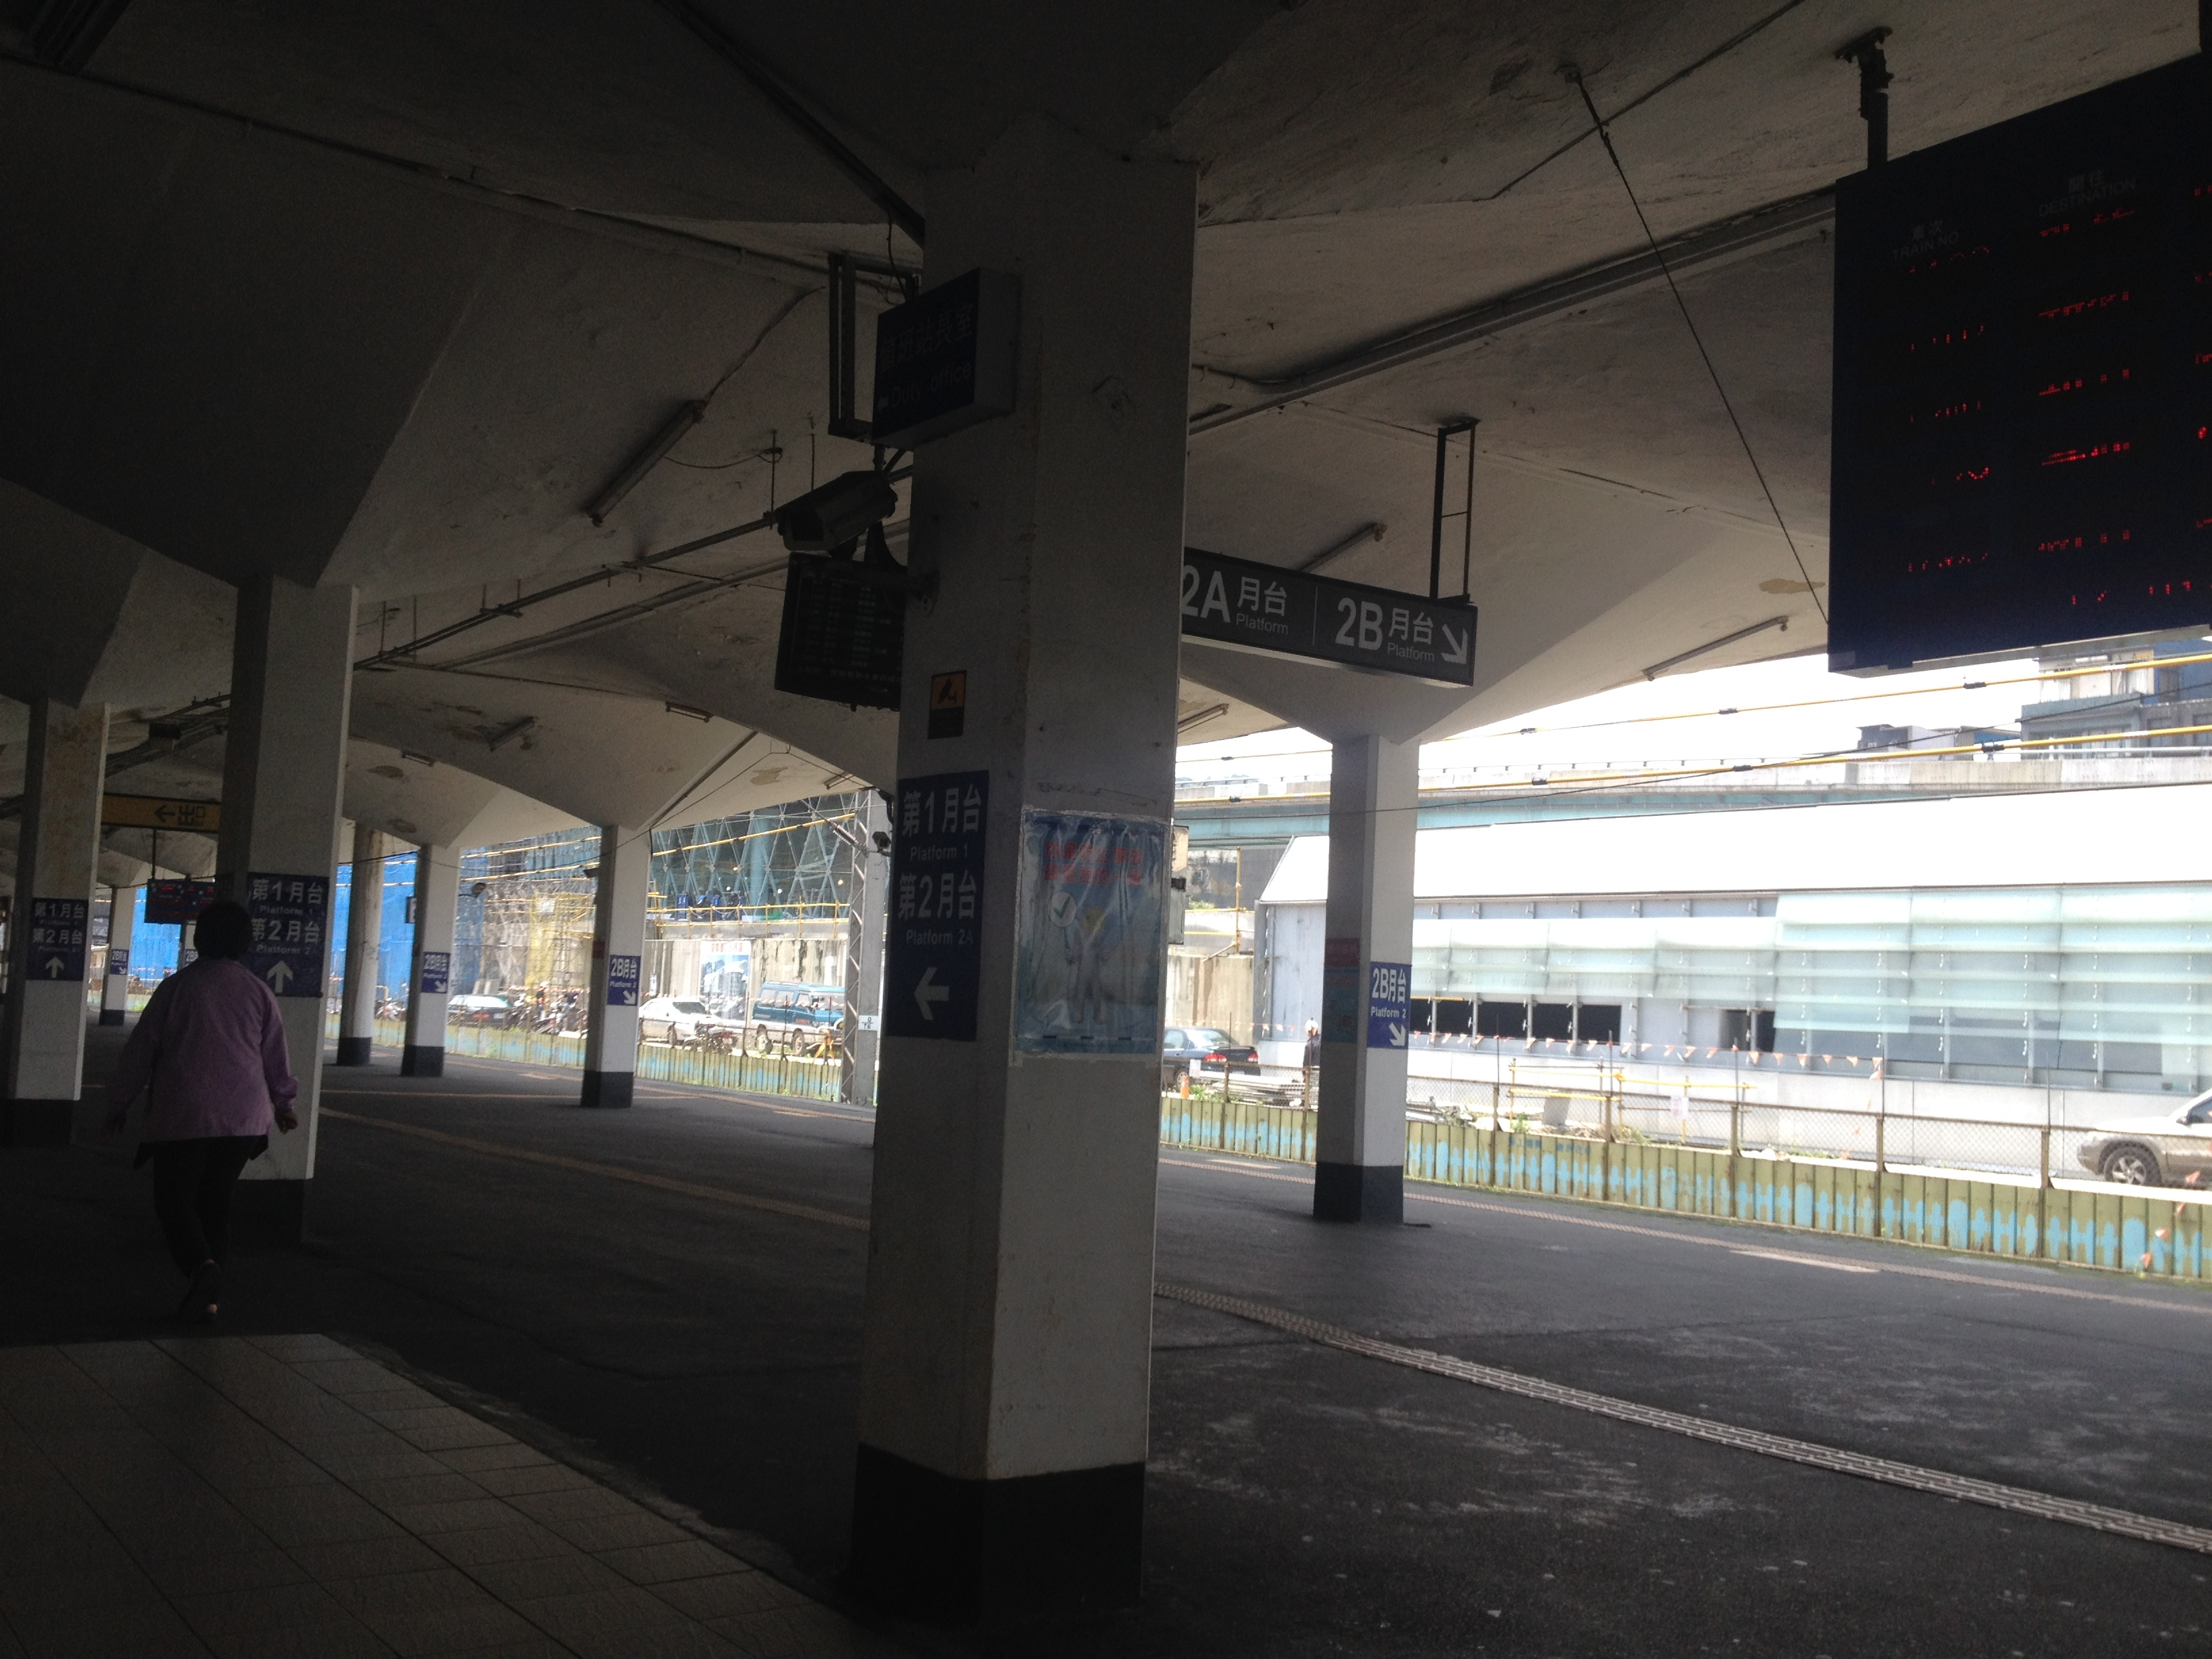 即將卸任的基隆火車站